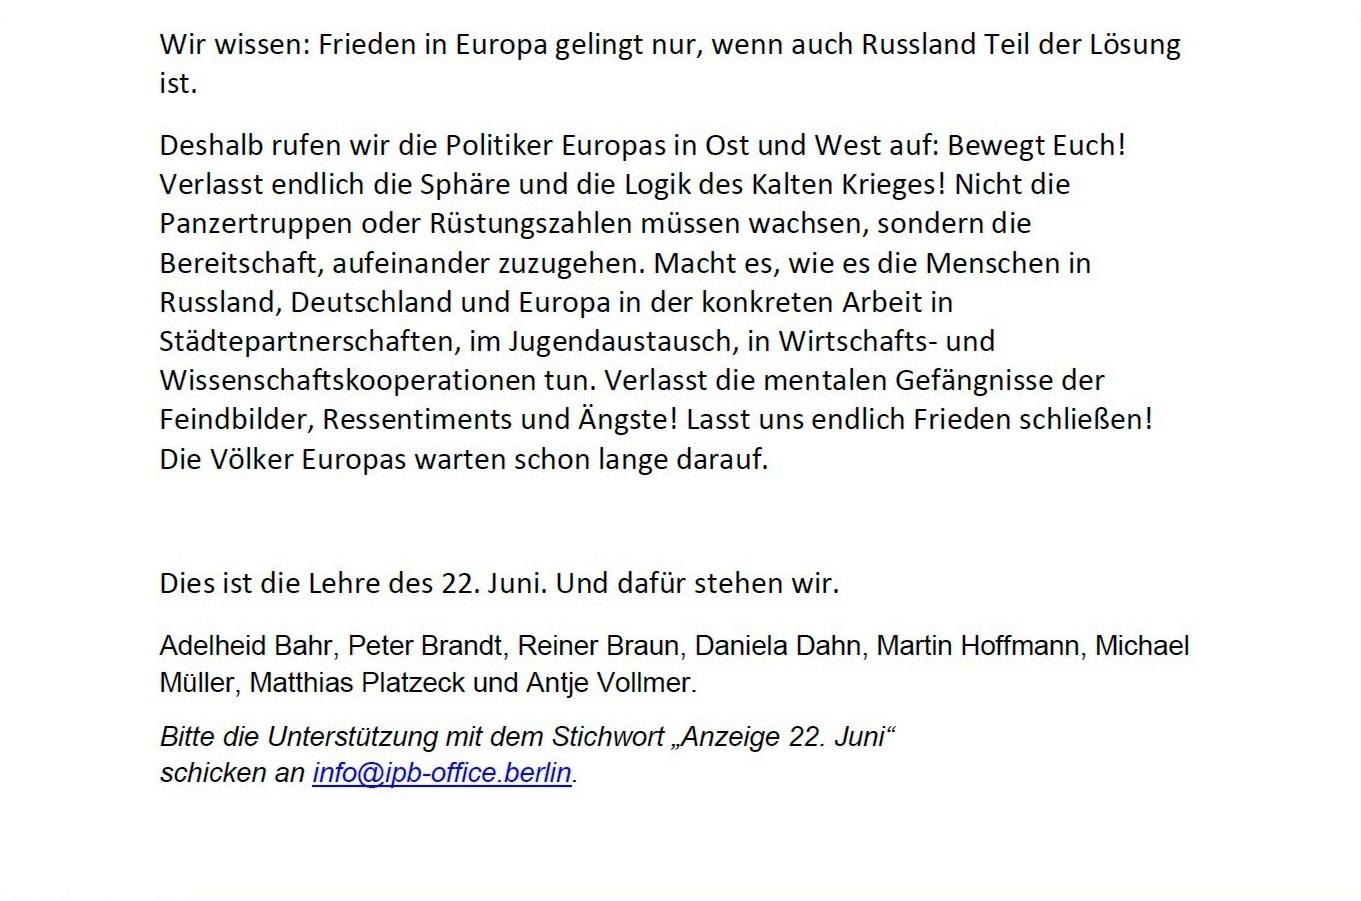 Aufruf mit Bitte um Unterstützung - Anzeige zum 80. Jahrestag des Überfalls Nazideutschlands auf die Sowjetunion - Liebe Freunde, gern gebe ich Euch nachfolgenden Aufruf mit Bitte um Unterstützung zur Kenntnis - Aus dem Posteingang vom 21.05.2021 von Dr. Marianne Linke - Anzeige Teil 2